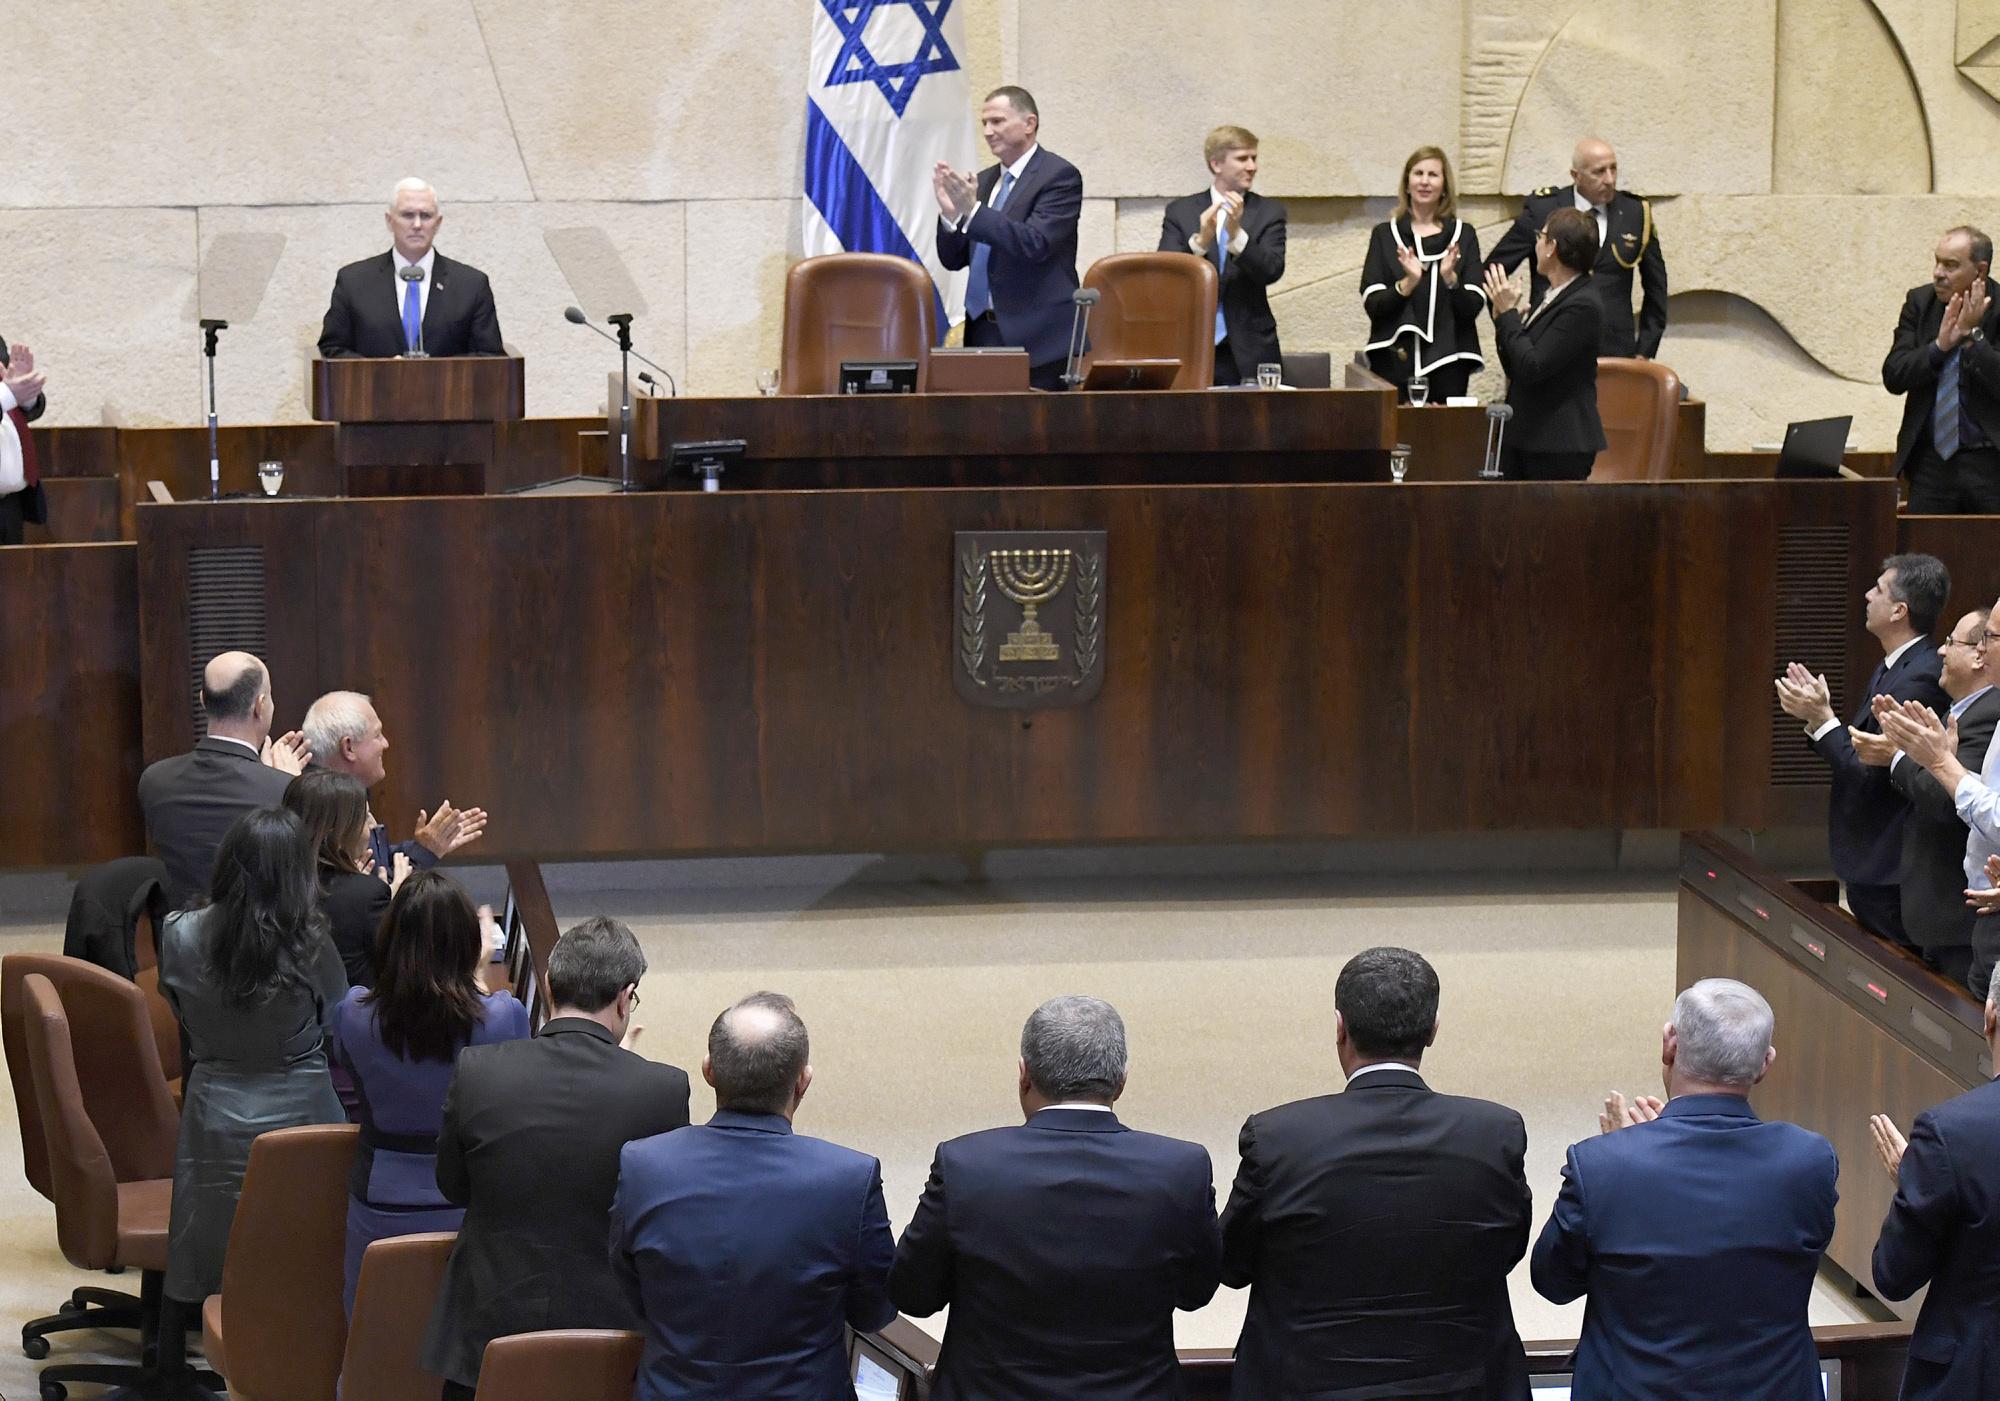 Izraelska opozycja się dogadała. Może odsunąć skrajnie prawicowego Netanjahu od władzy